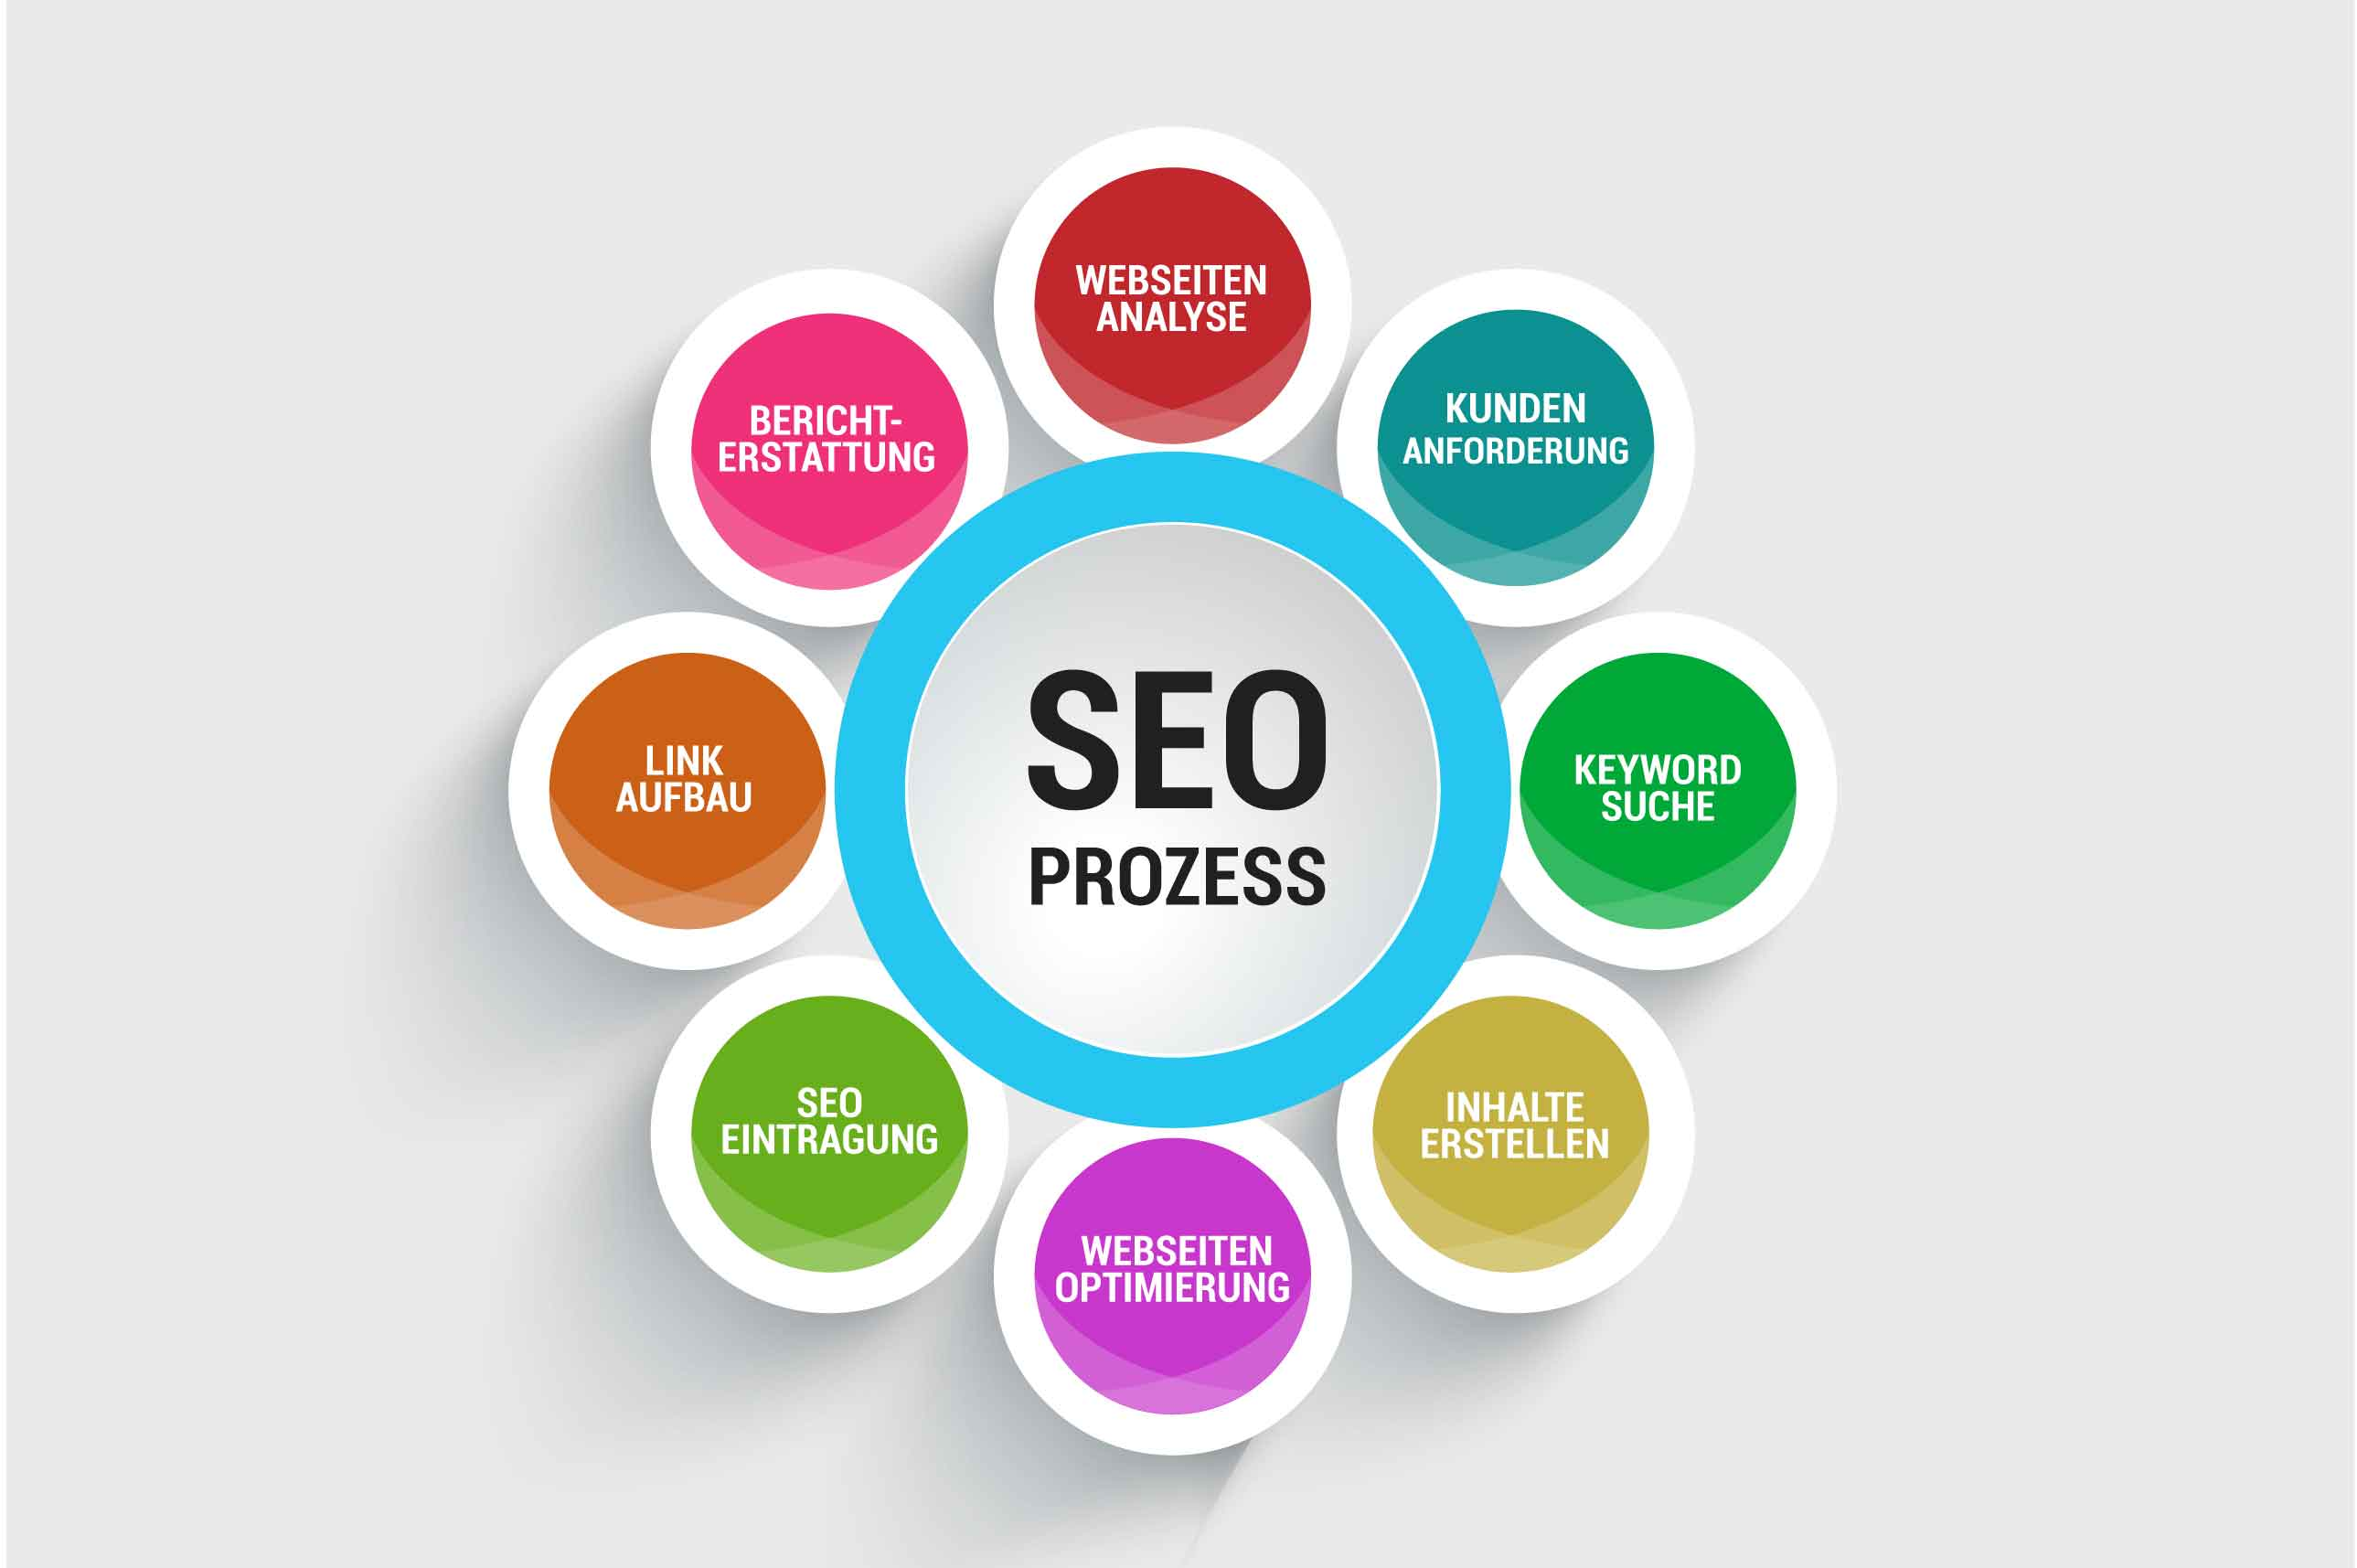 SEO oder Suchmaschinenoptimierung ist eine wertvolle Technik in der Arbeit des digitalen Marketings.